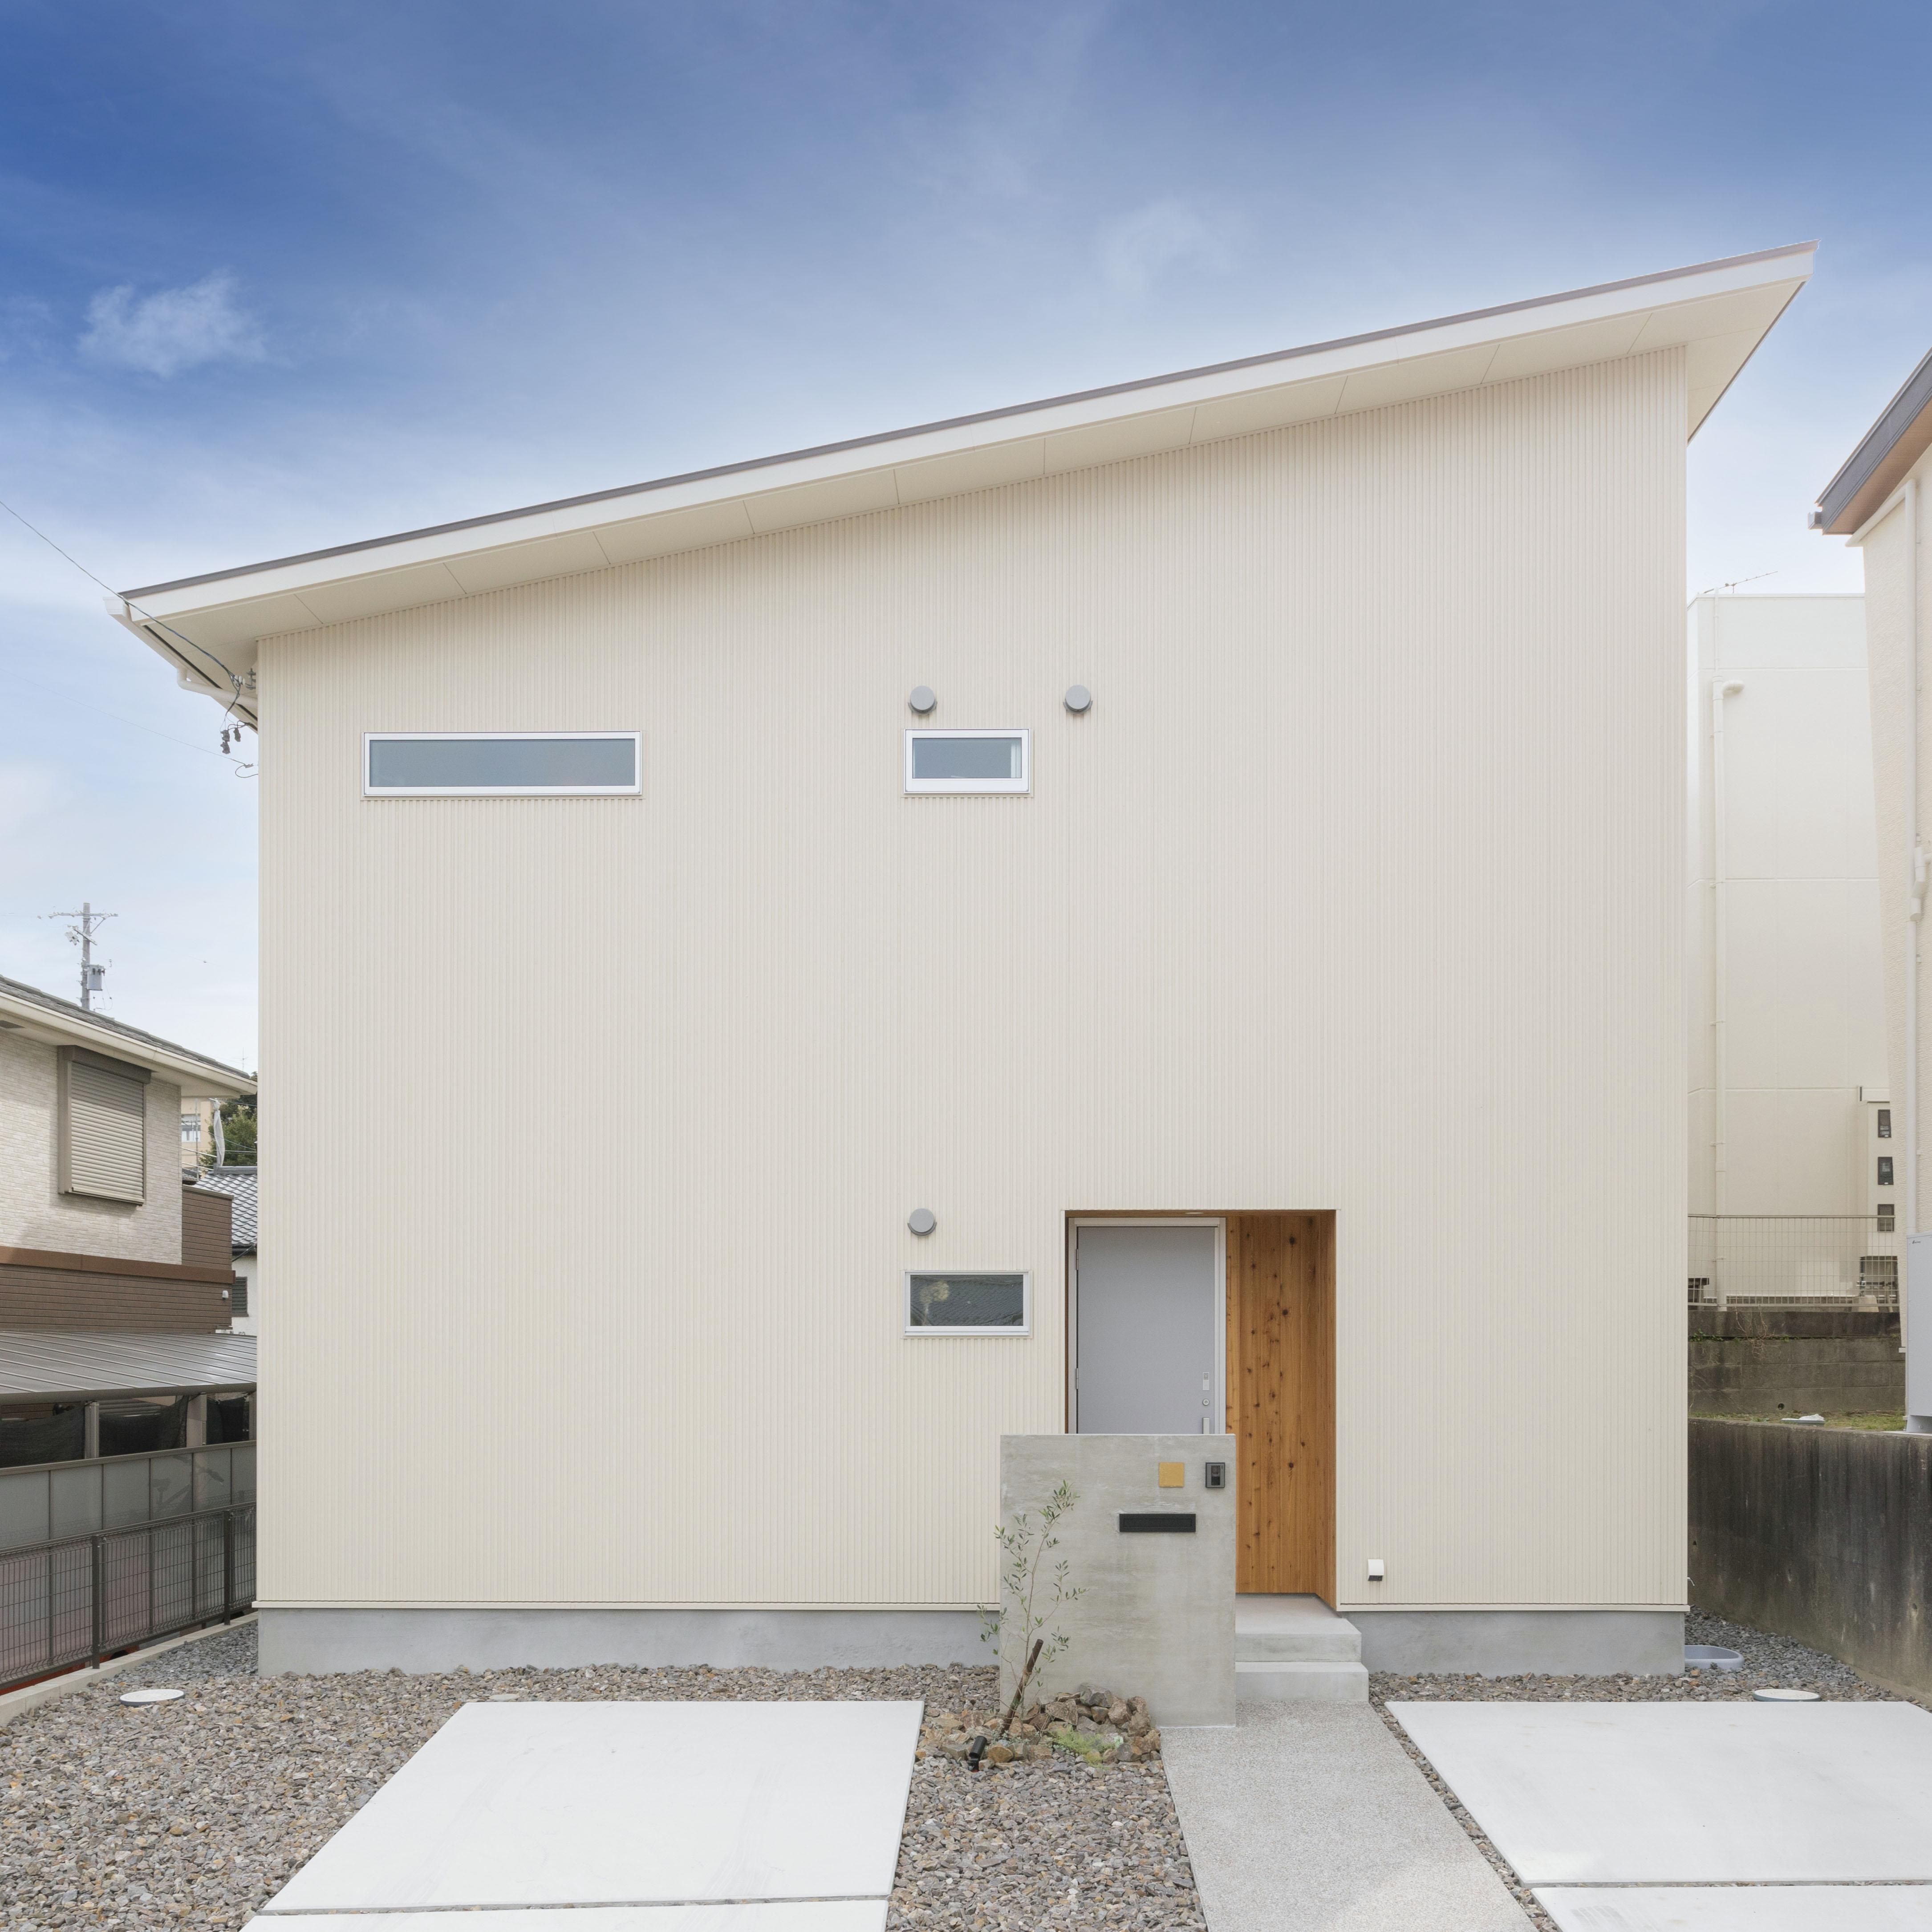 アトリエプラス【収納力、自然素材、間取り】白い外壁に木製のサイディングがアクセントとなり、ナチュラルな雰囲気を醸し出す。